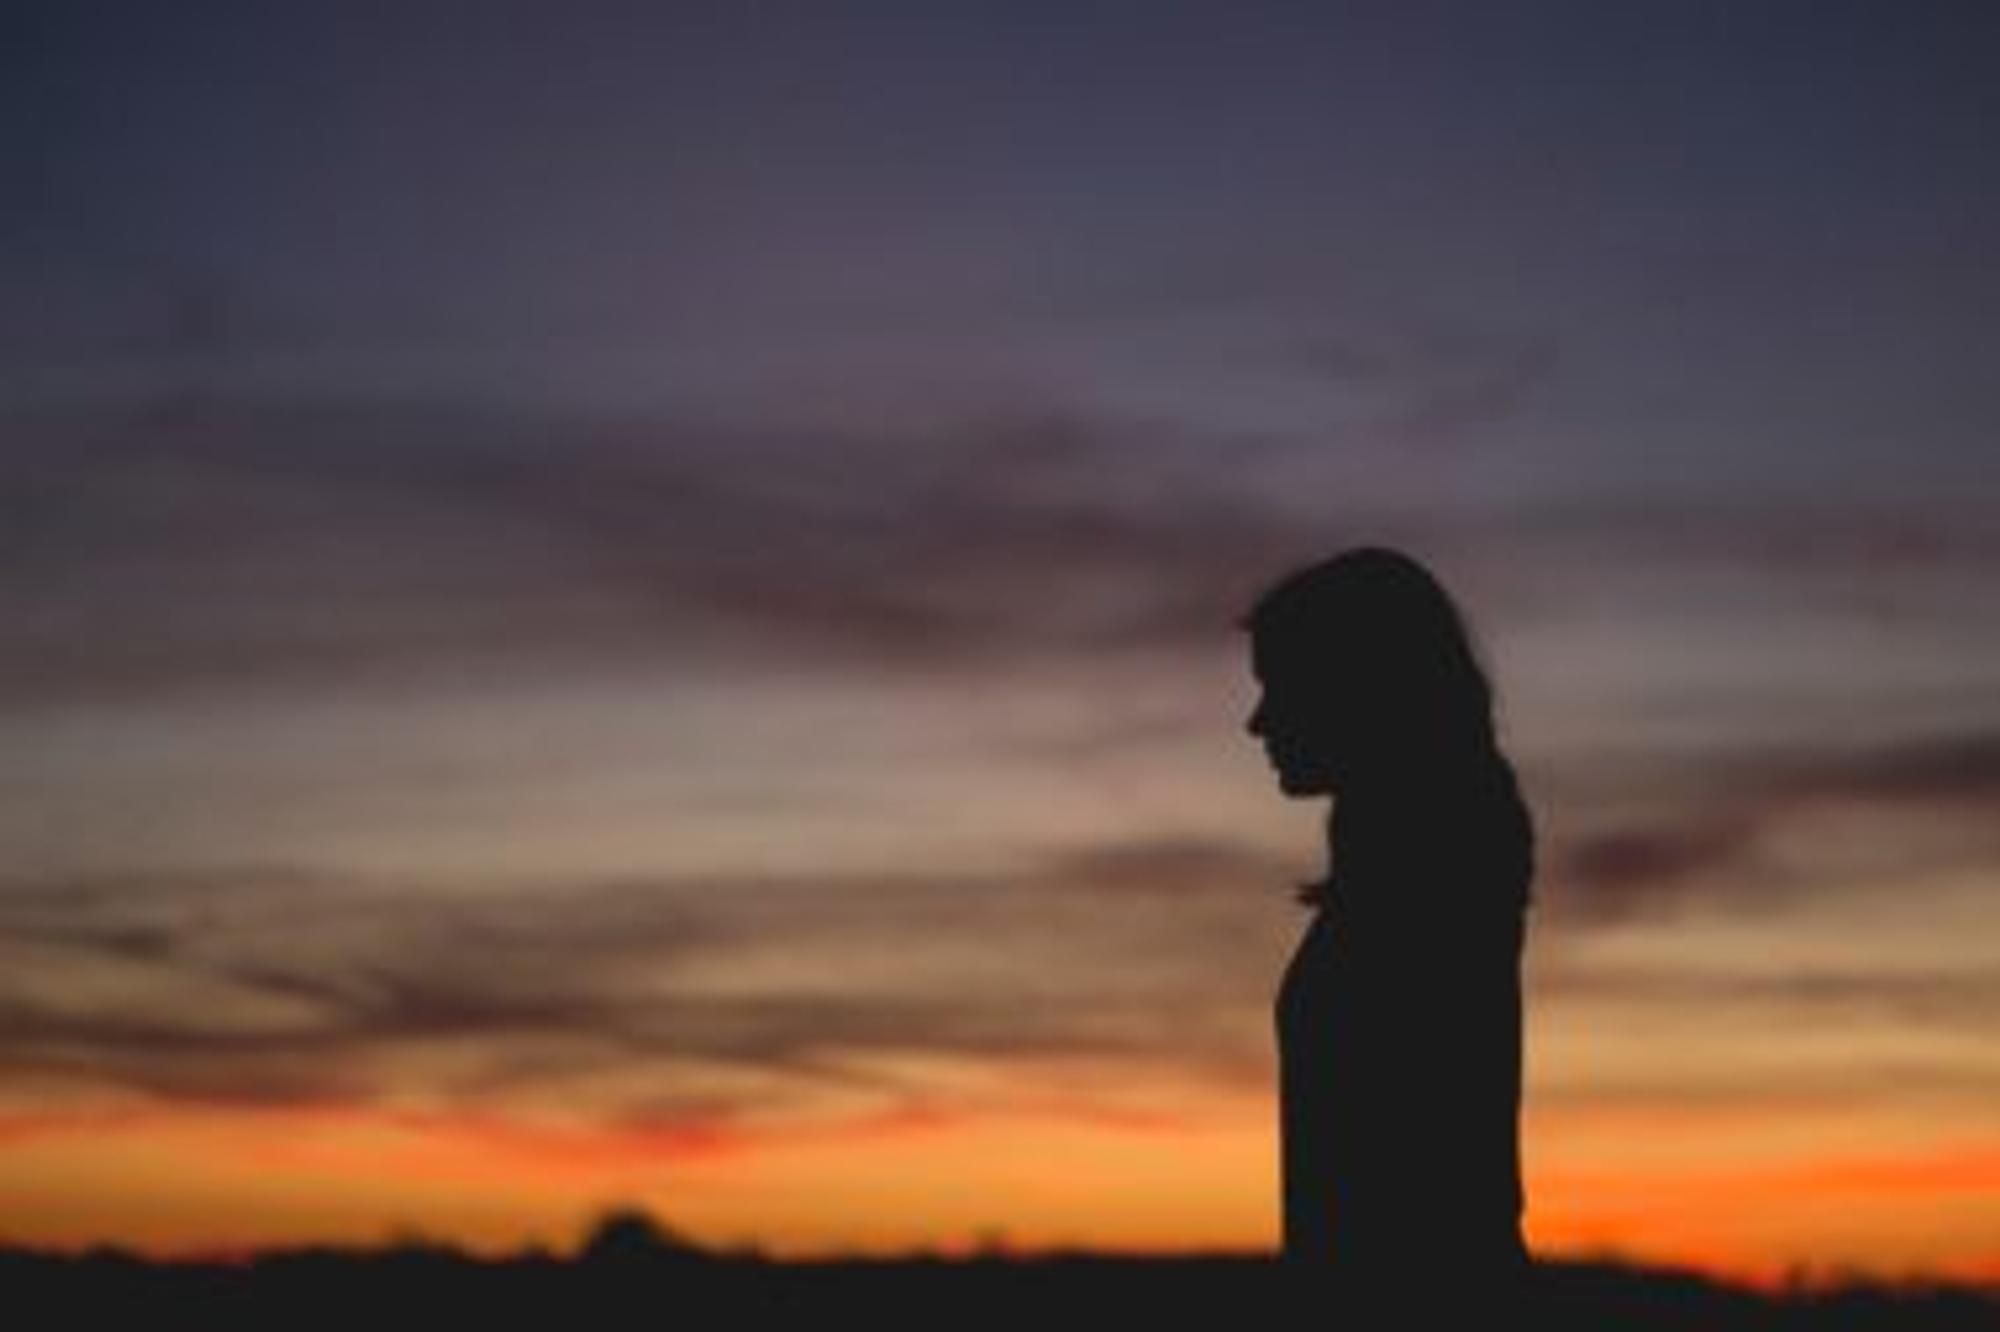 Frau vor Sonnenuntergang - Die Angst vor dem Tod begleitet manche Menschen durch's Leben